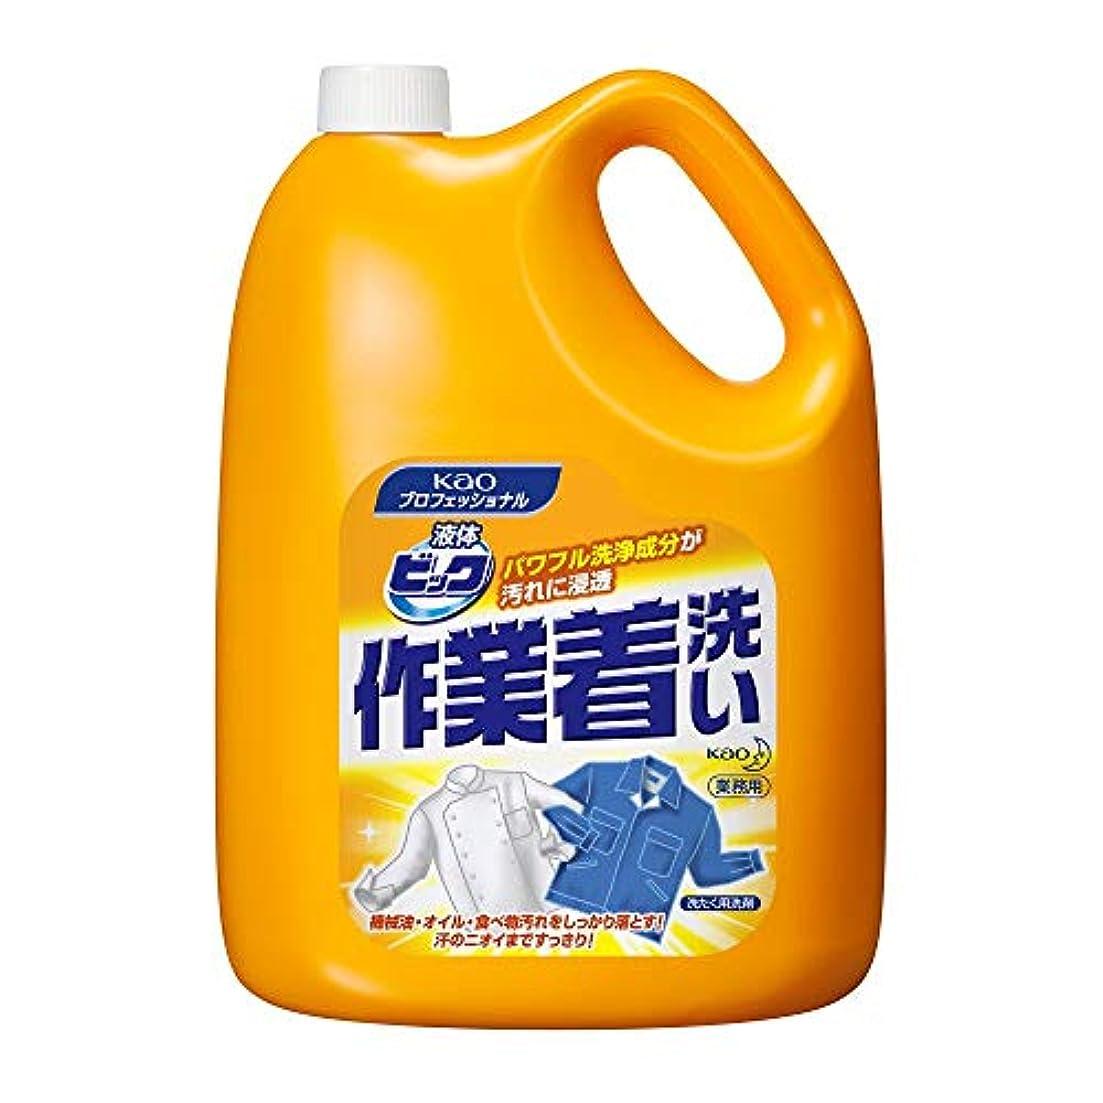 プロペラパーチナシティの量【業務用 衣料用洗剤】液体ビック 作業着洗い 4.5kg(花王プロフェッショナルシリーズ)